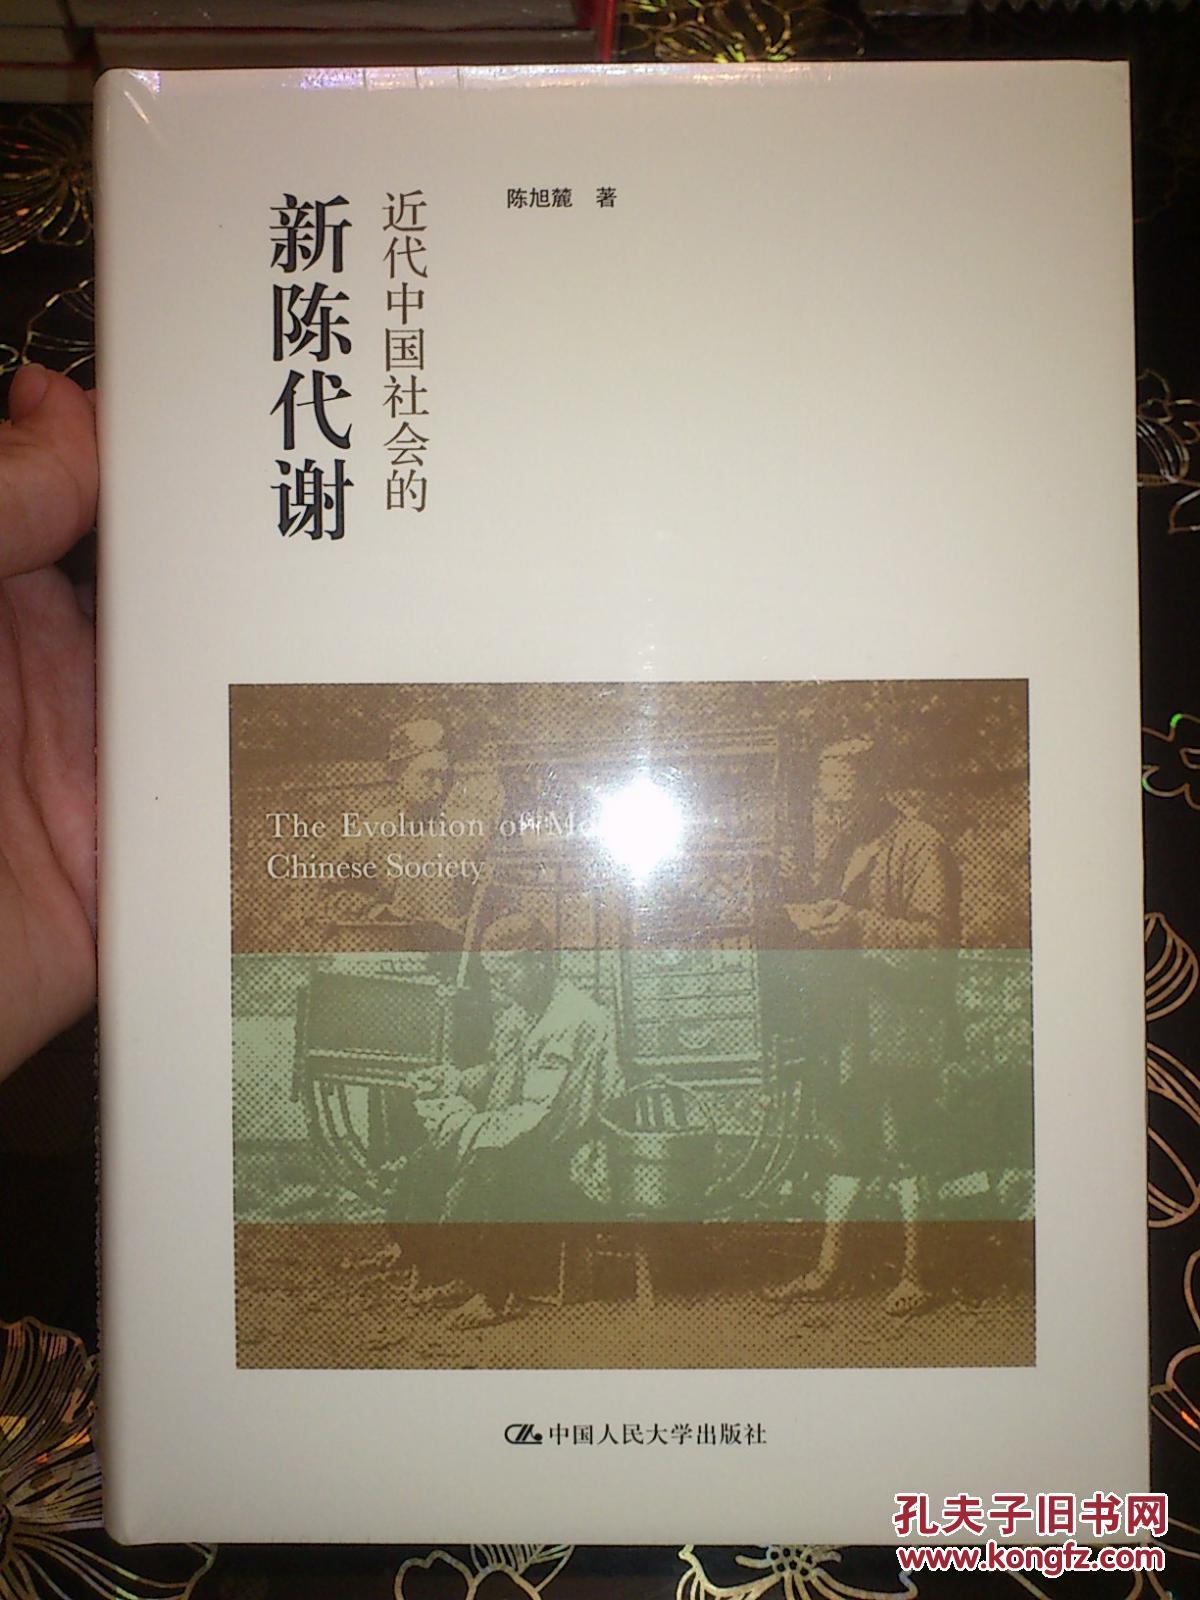 【图】近代中国社会的新陈代谢